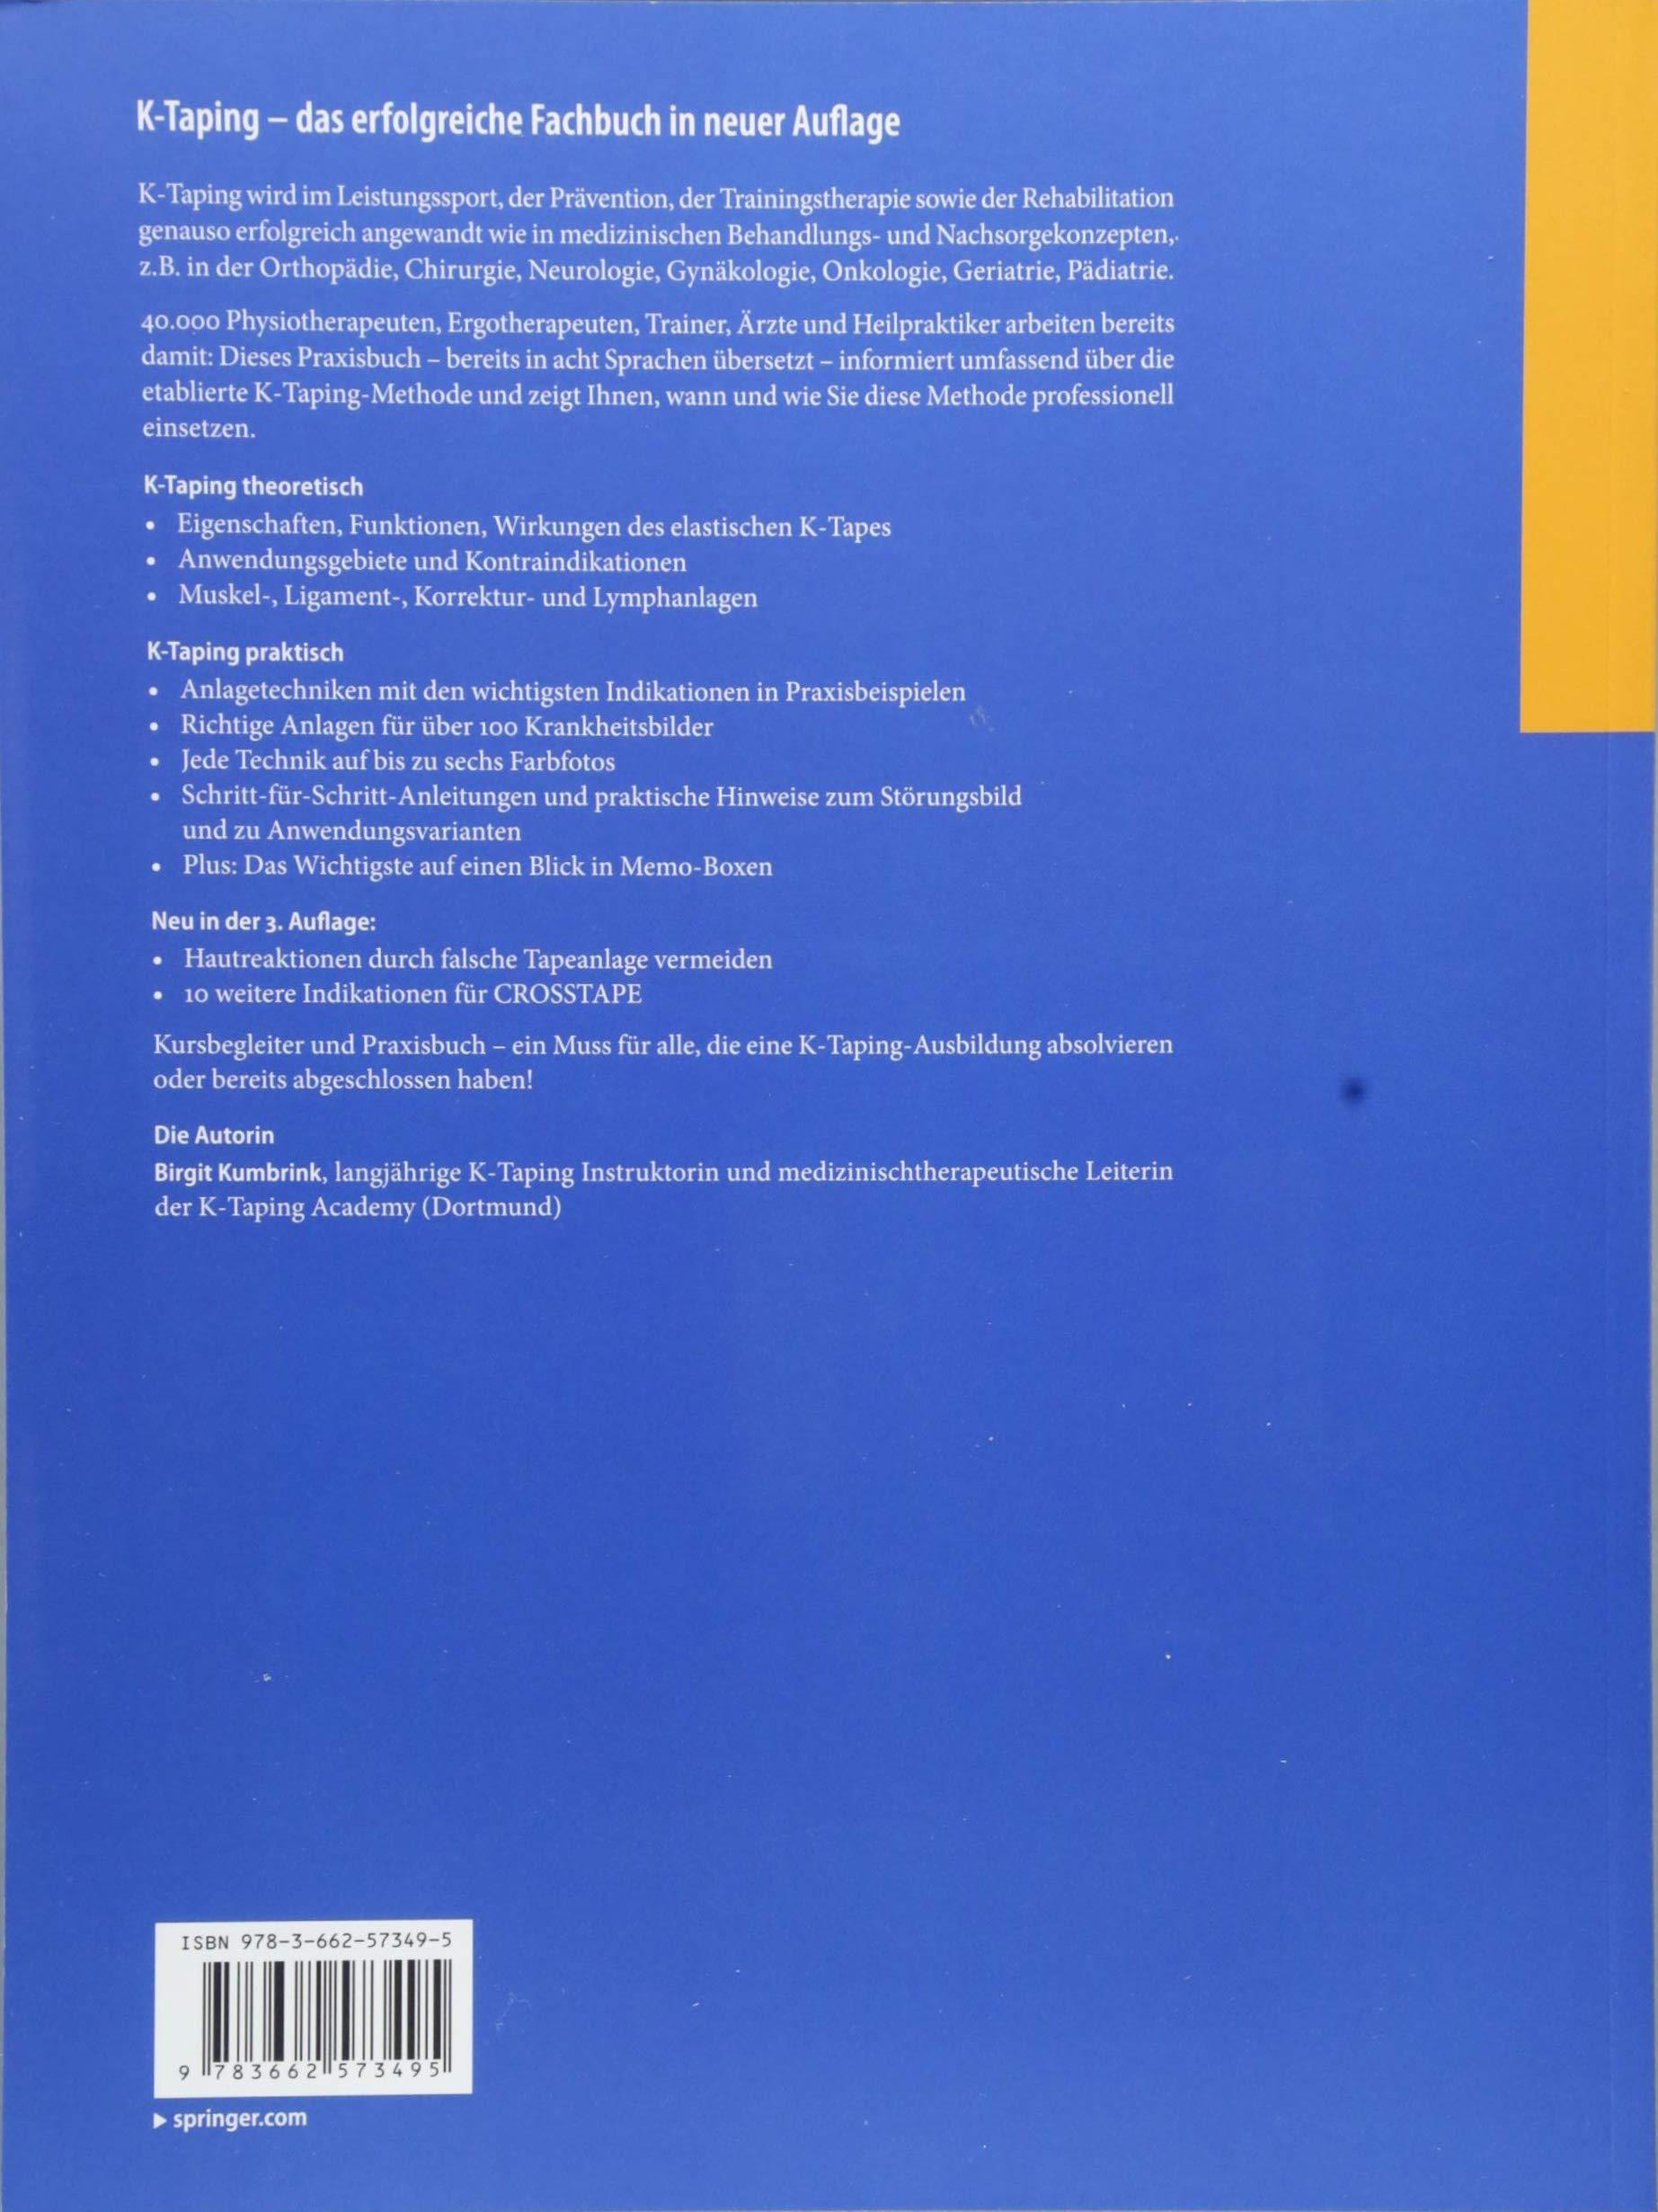 K-Taping: Grundlagen - Anlagetechniken - Indikationen: Birgit Kumbrink:  9783662573495: Sports Medicine: Amazon Canada